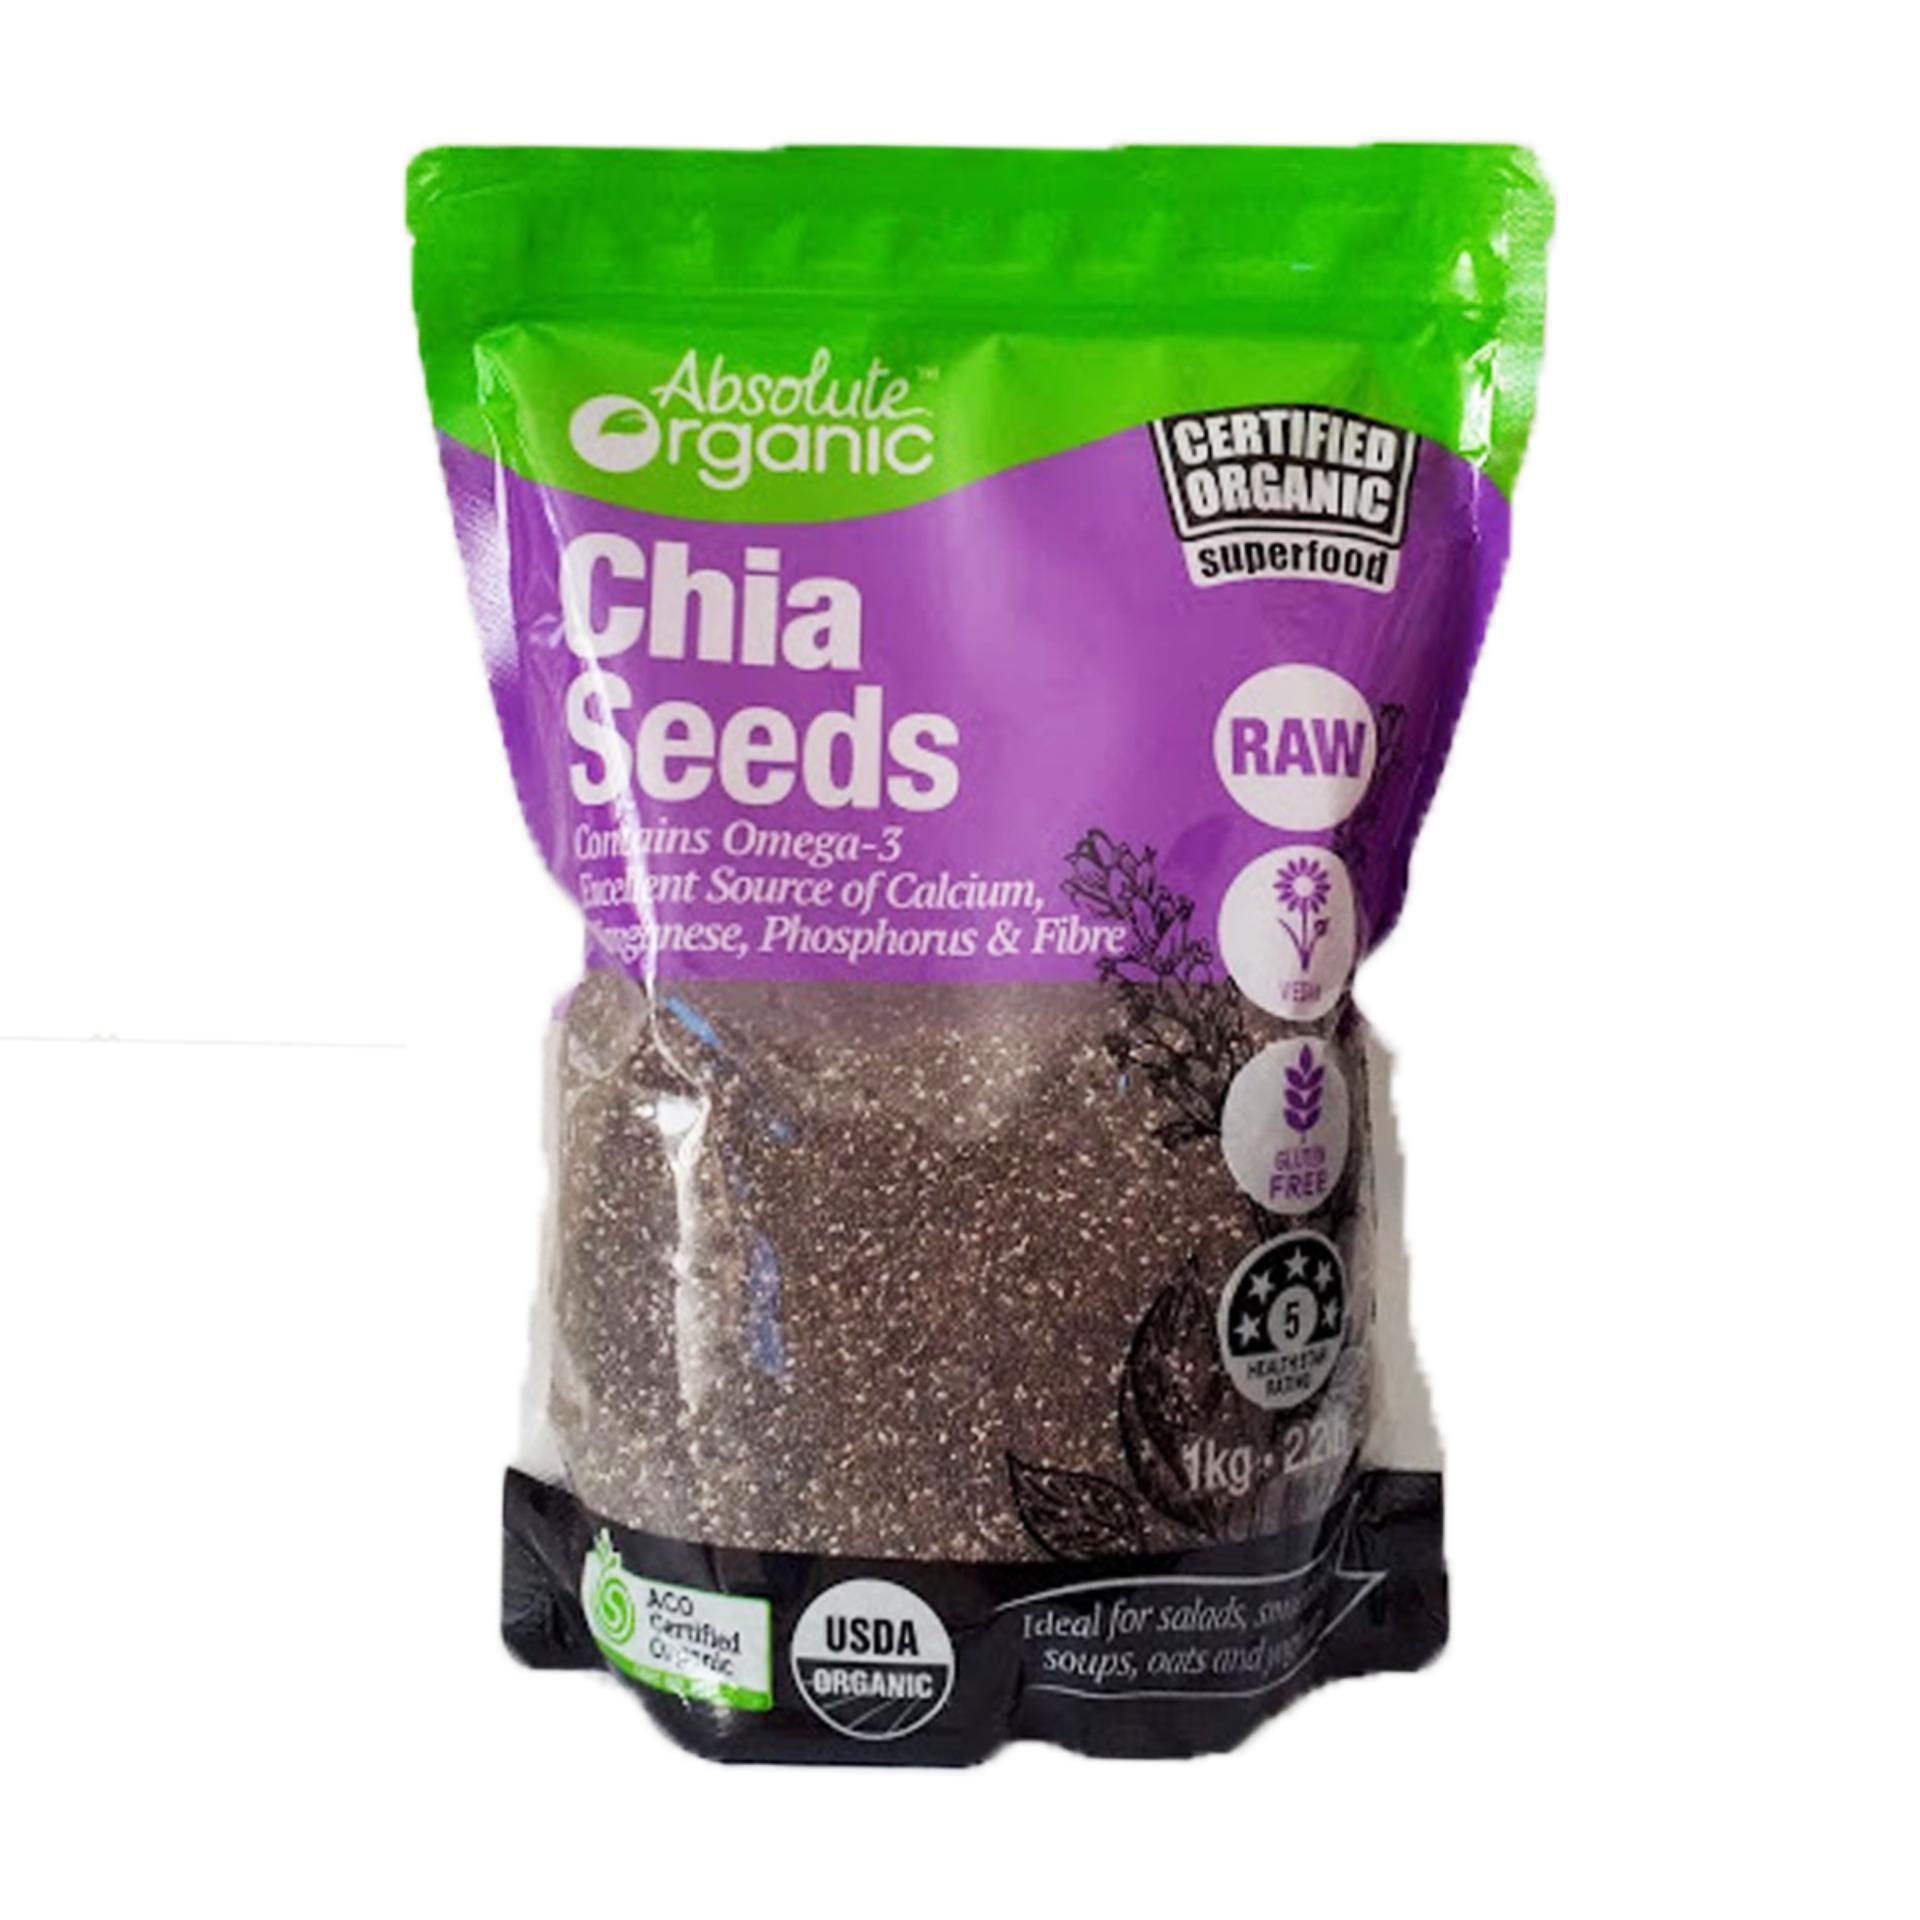 Giảm Giá Ưu Đãi Khi Mua Hạt Chia Seeds Tím Absotute Organic Úc Túi 1kg Giúp Giảm Cân, đẹp Da, Bổ Sung Chất Dinh Dưỡng Susuto Shop